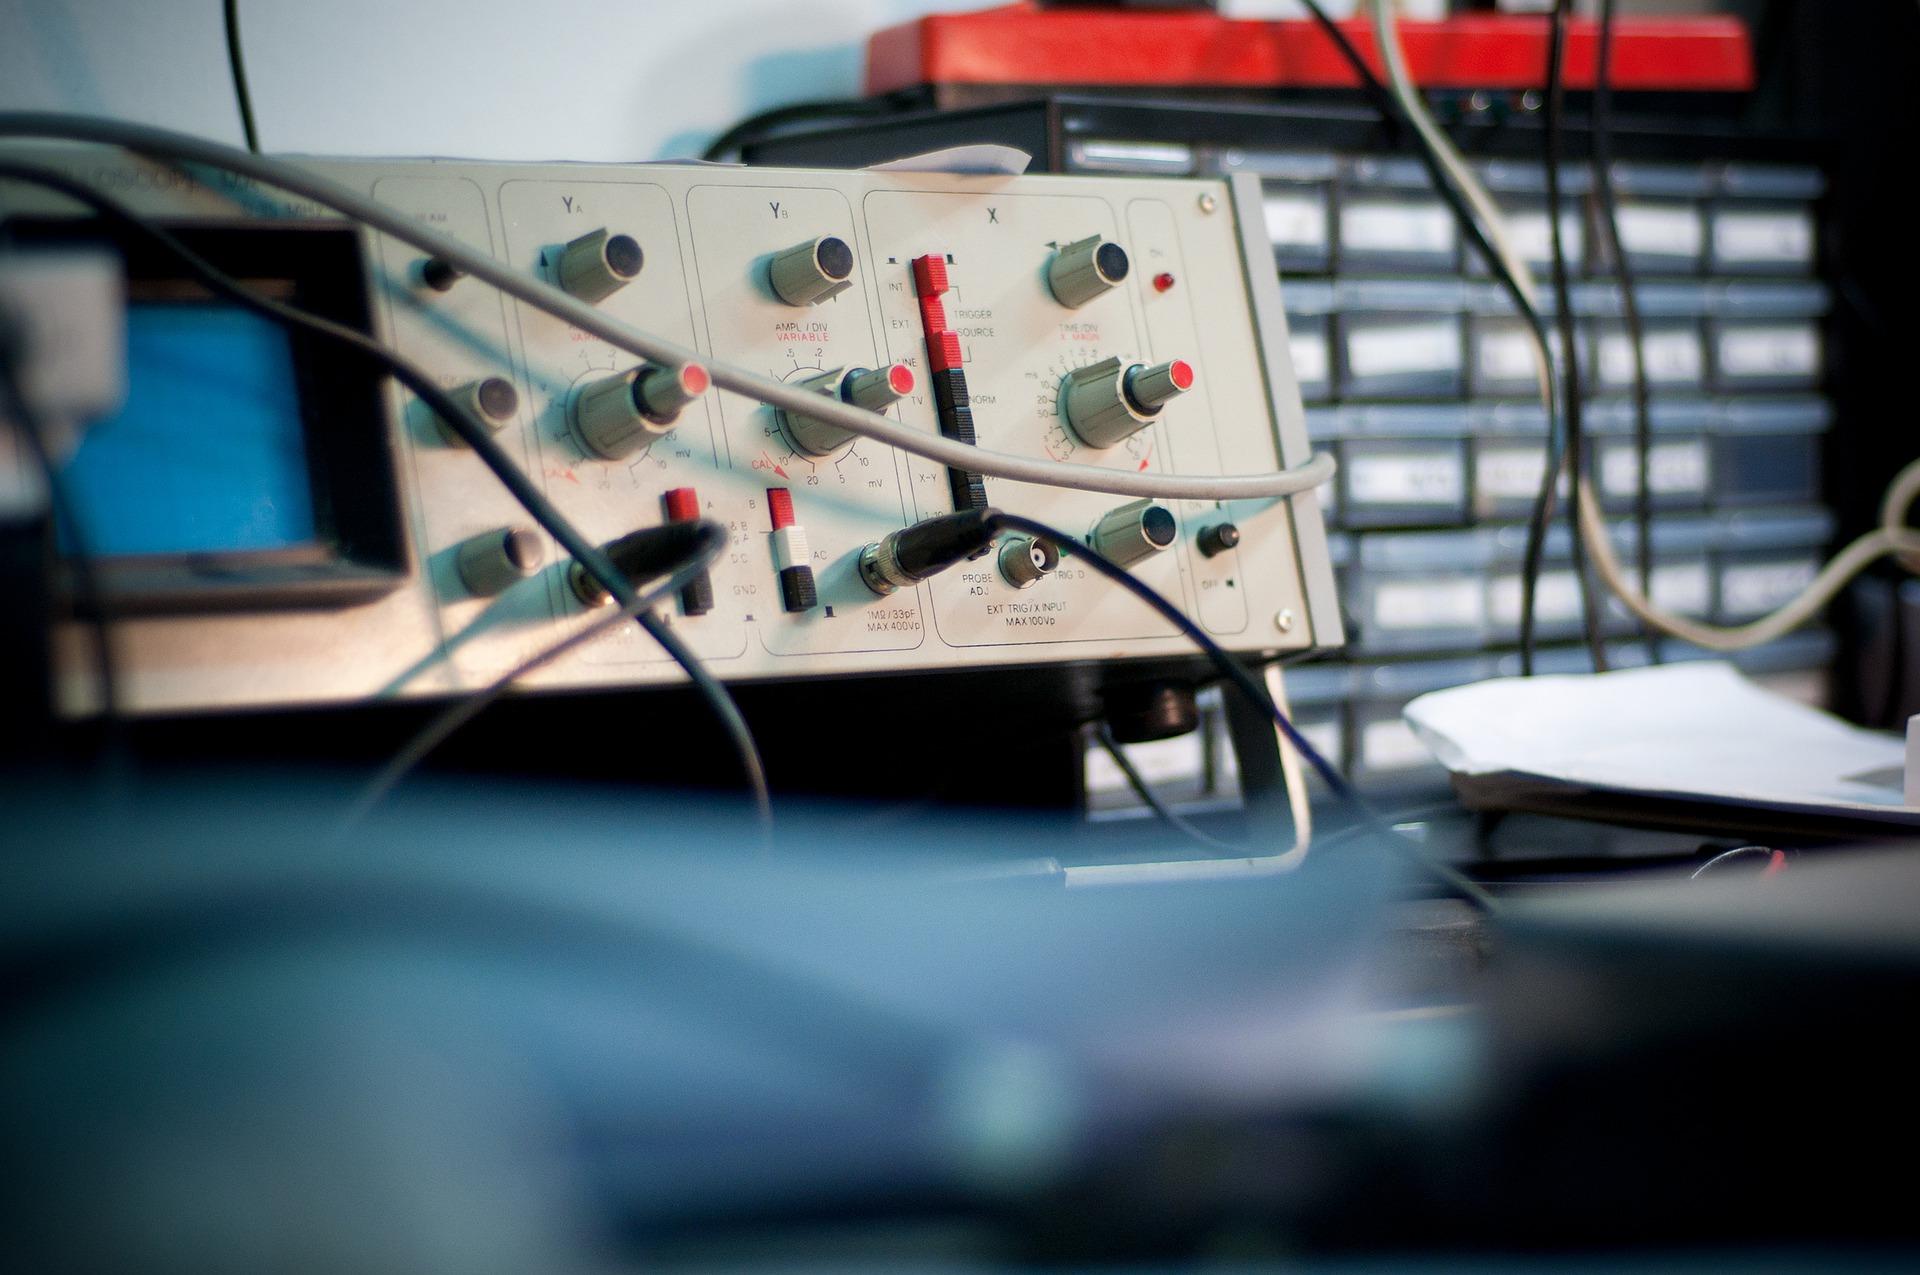 Le fonctionnement de l'oscilloscope